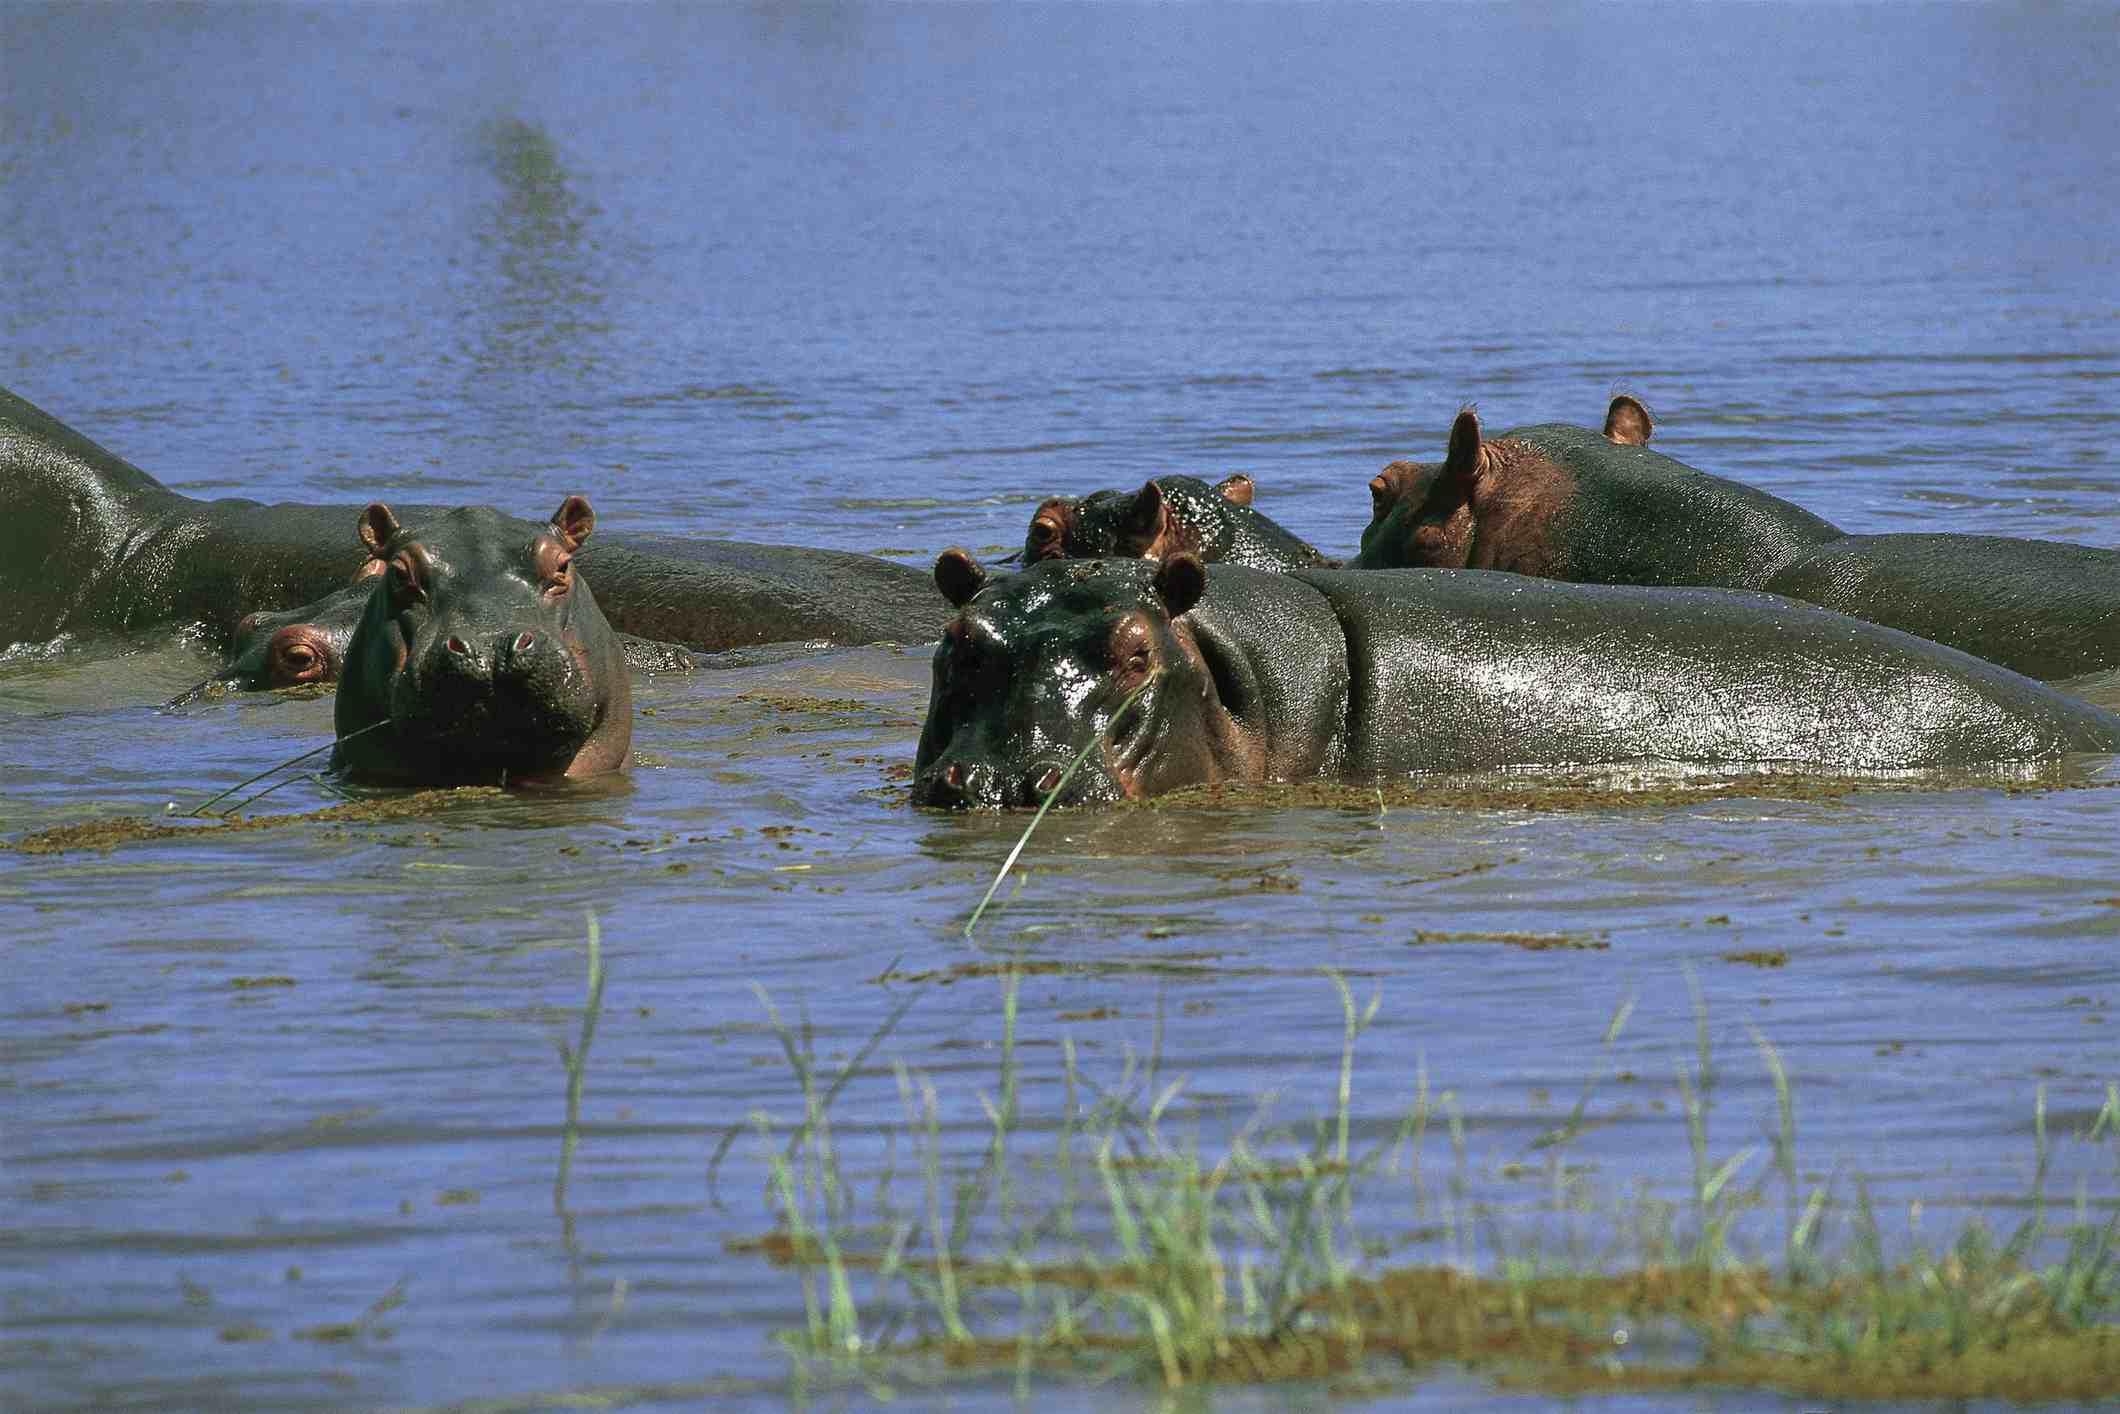 Hippopotamuses in a lake, Lake Kariba, Zimbabwe